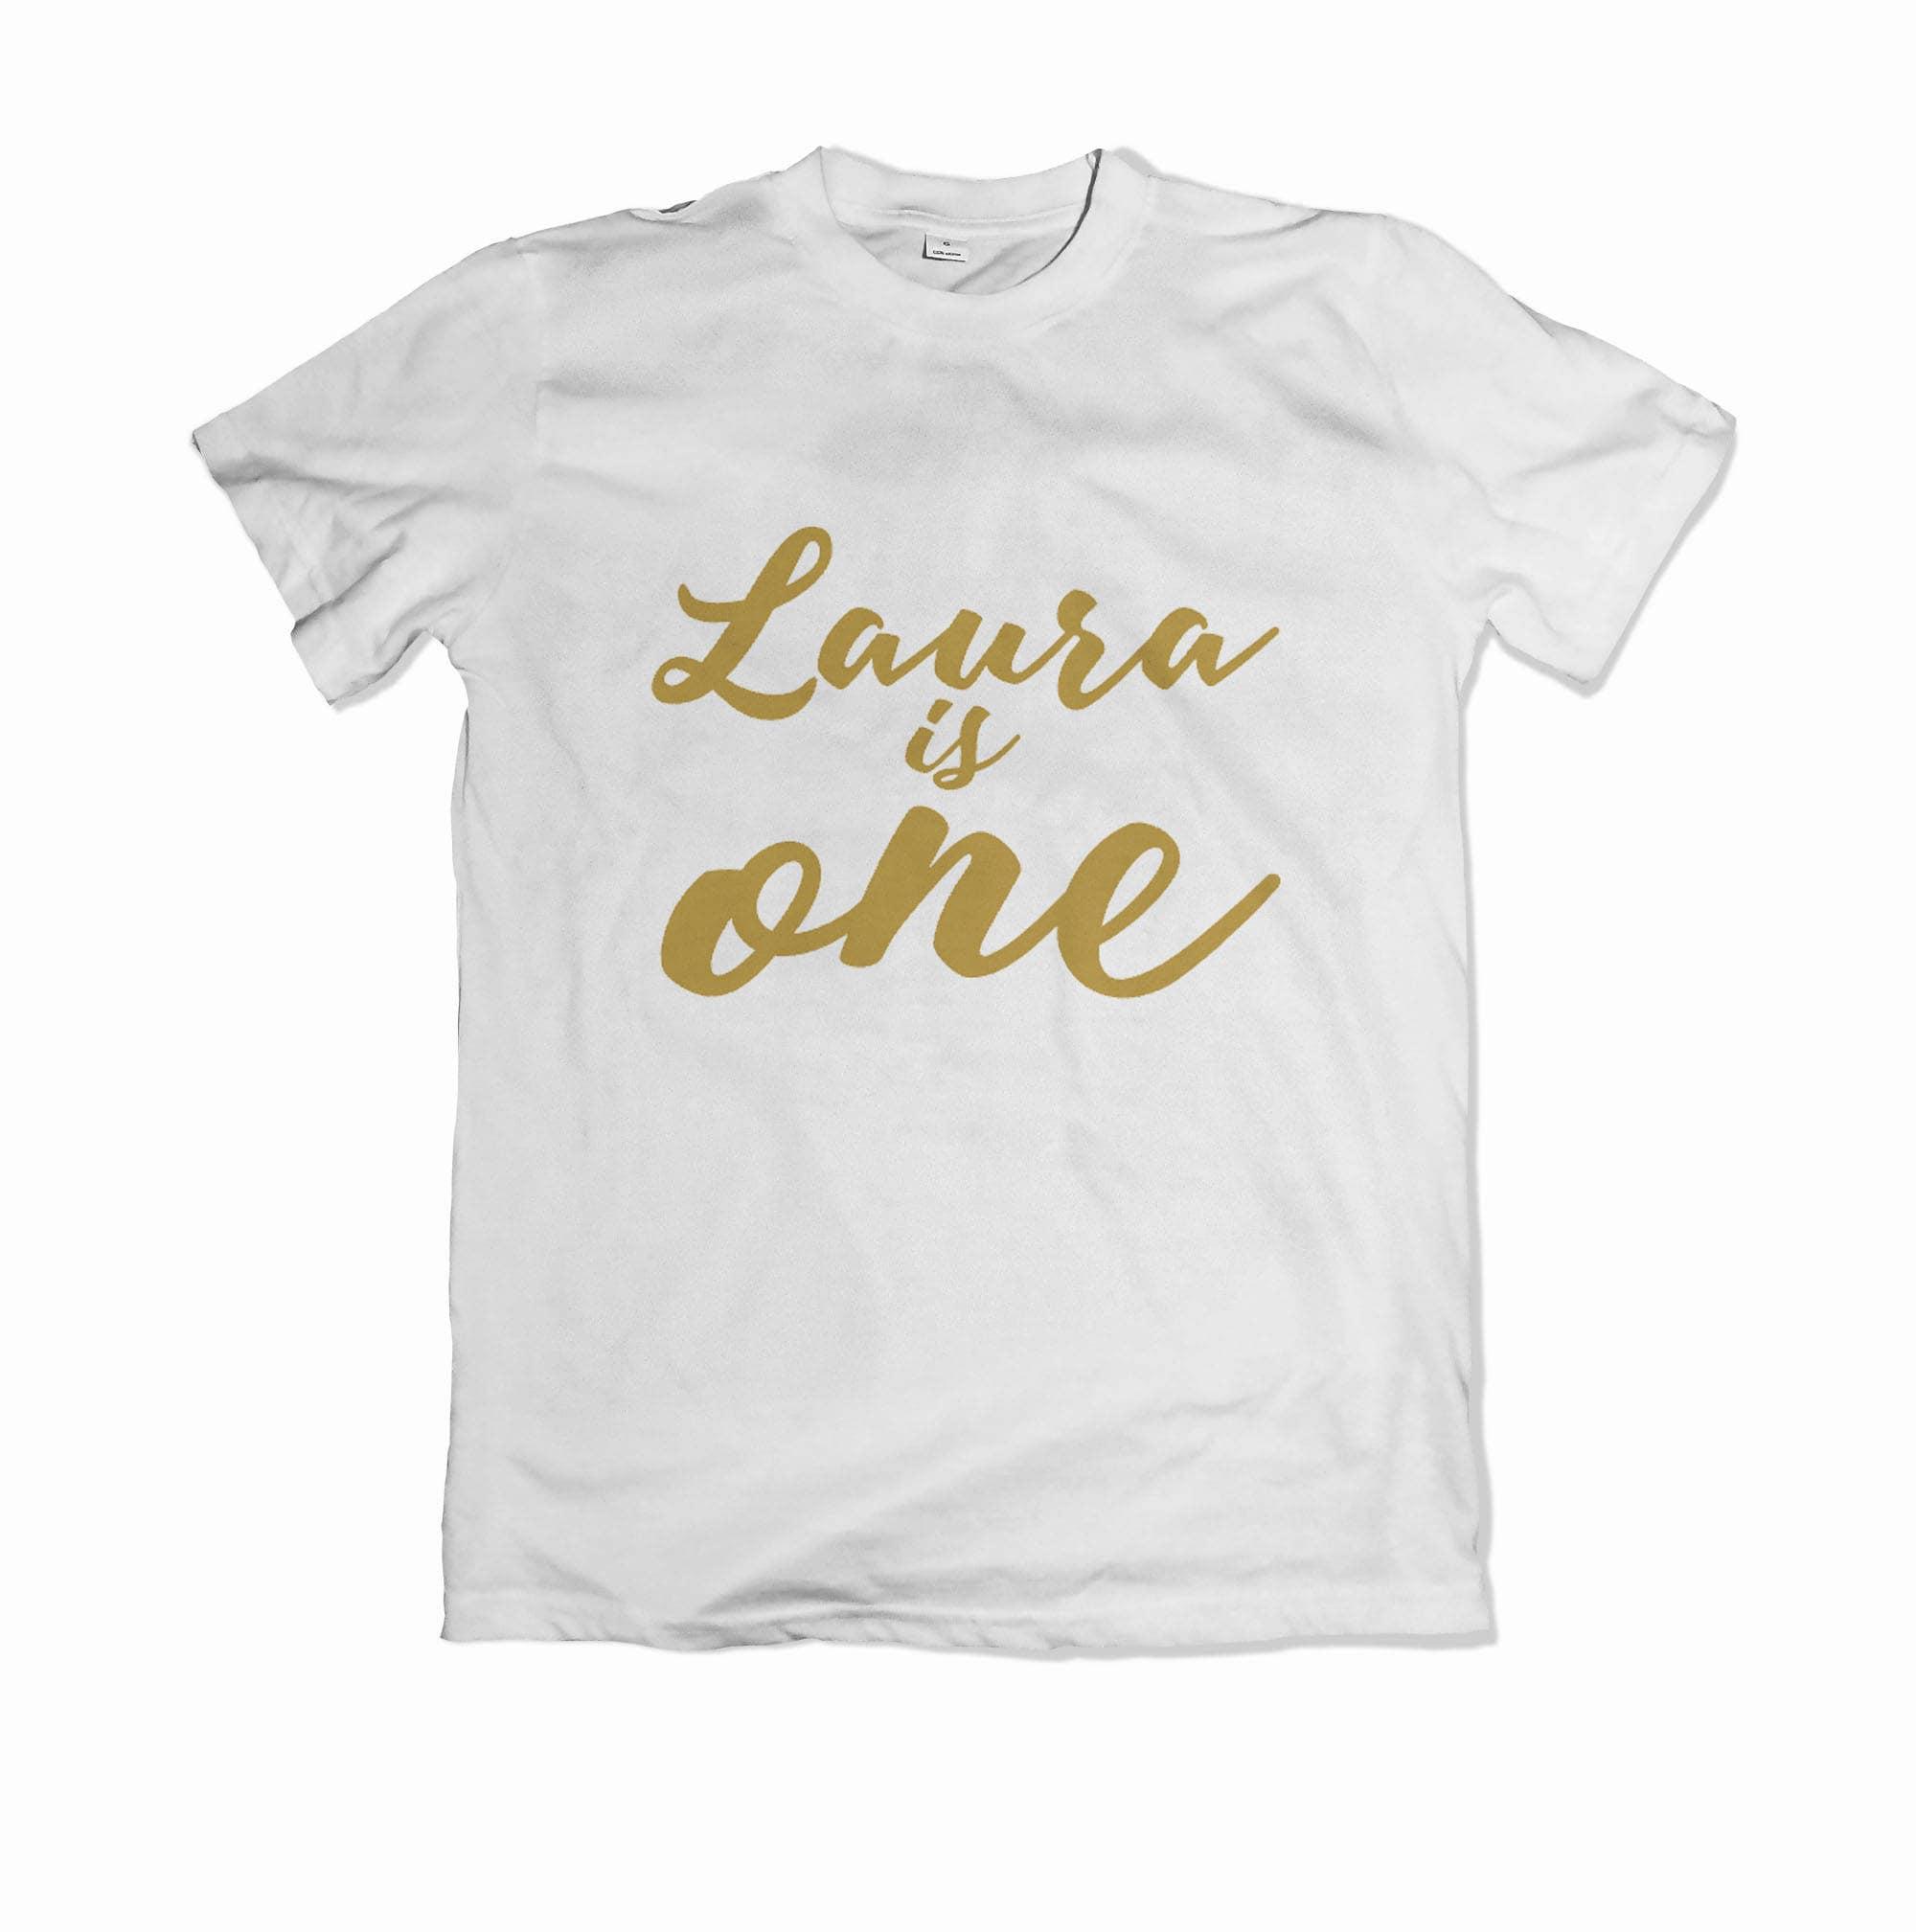 Personalised Childrens Birthday T Shirt